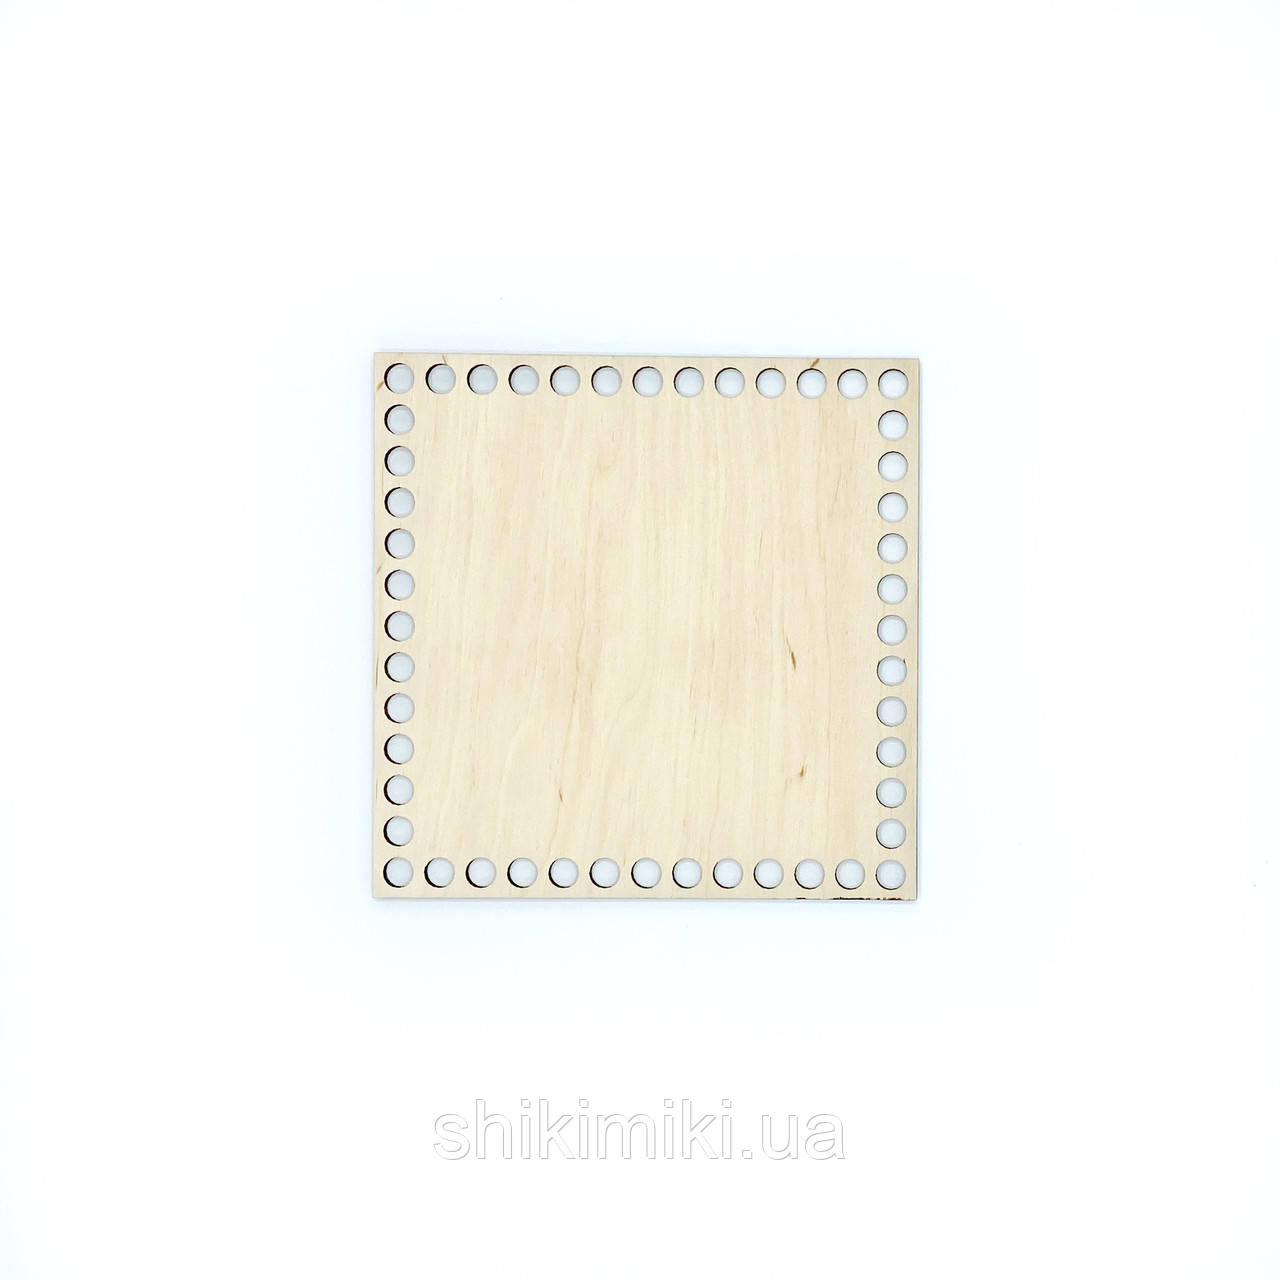 Заготовка из фанеры квадратная (14*14 см)